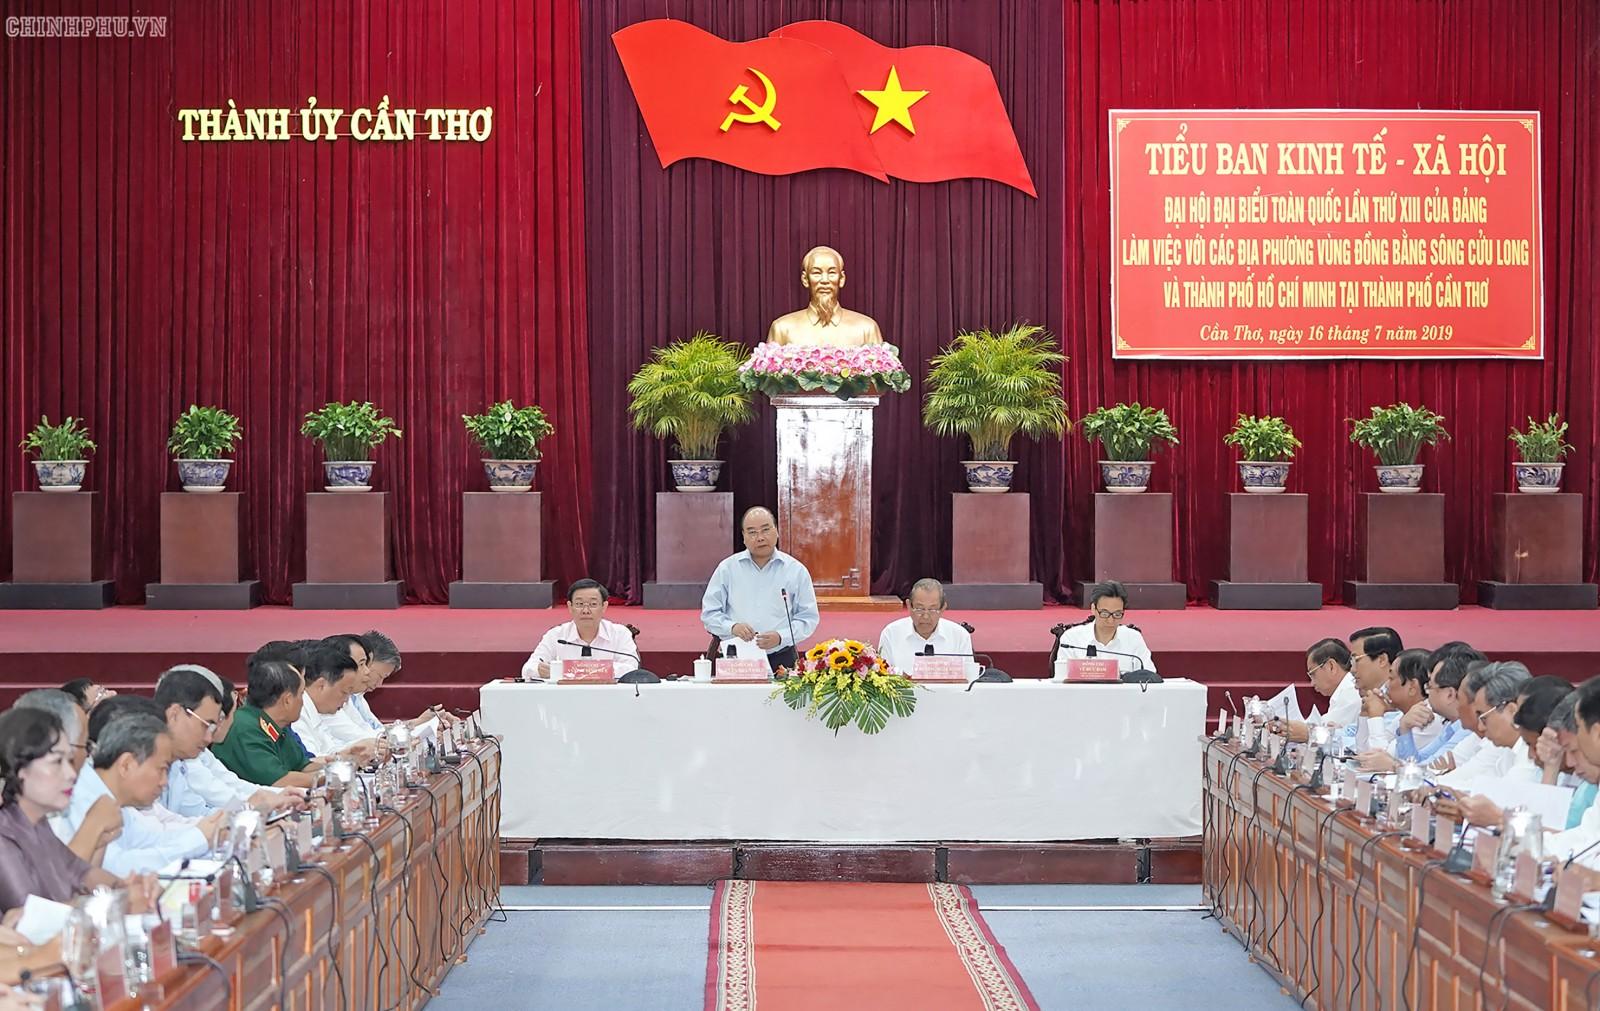 Thủ tướng Nguyễn Xuân Phúc phát biểu tại buổi làm việc. Ảnh: chinhphu.vn